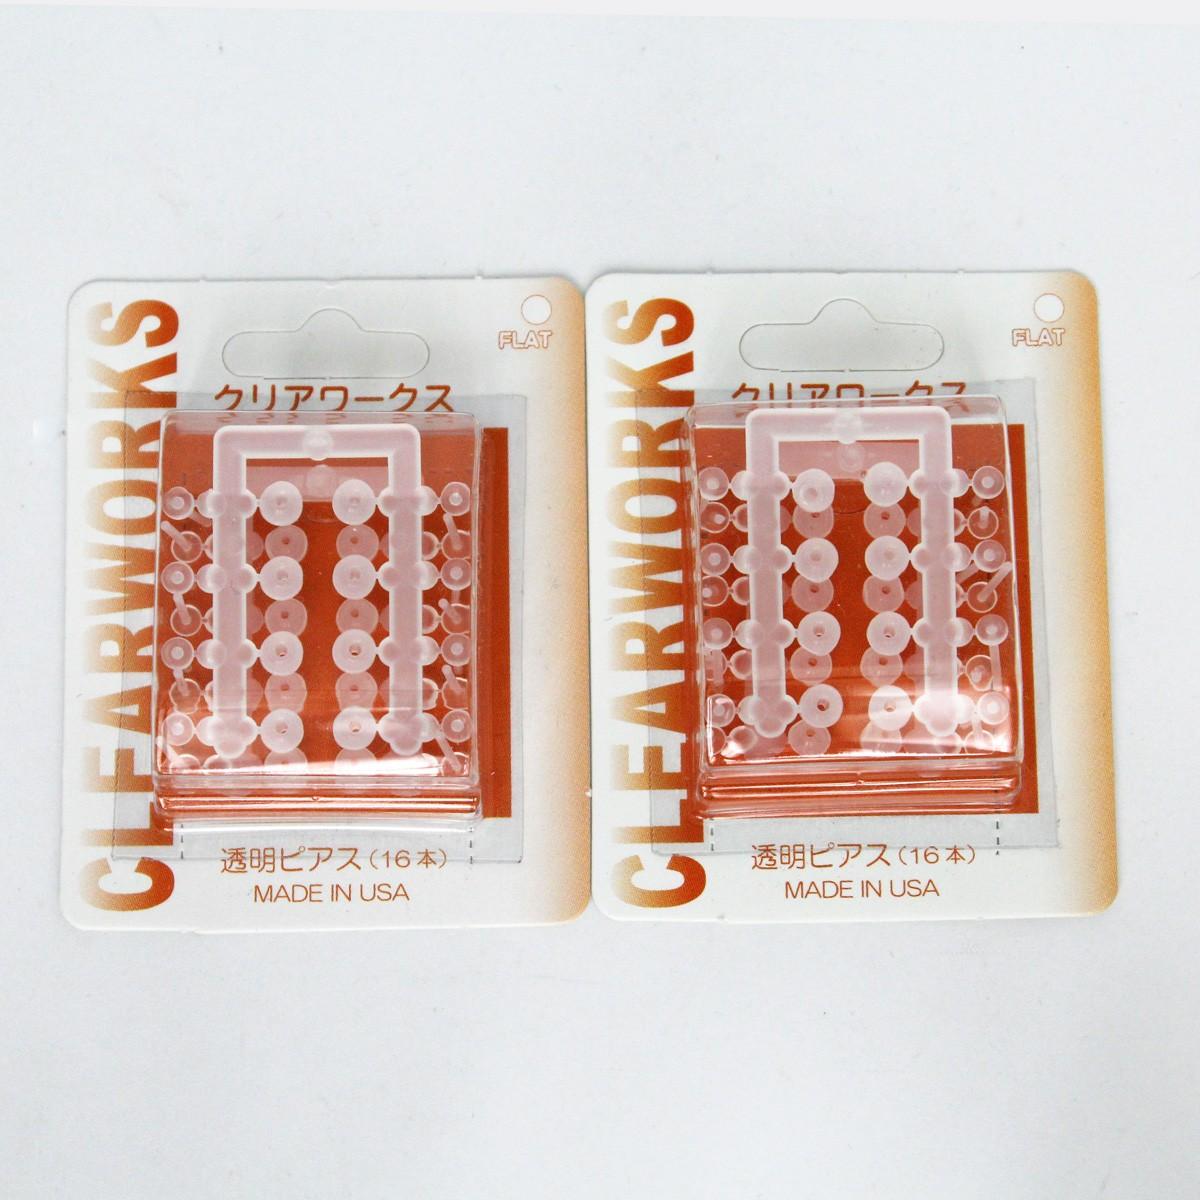 2個セット 透明ピアス クリアワークスC-506 18GA 1mm ピアッサー後のホールをキープ 日時指定はできません あす楽には対応できません 特売 メール便なら送料無料 ギフト プレゼント ご褒美 代引き不可商品です シークレットピアス